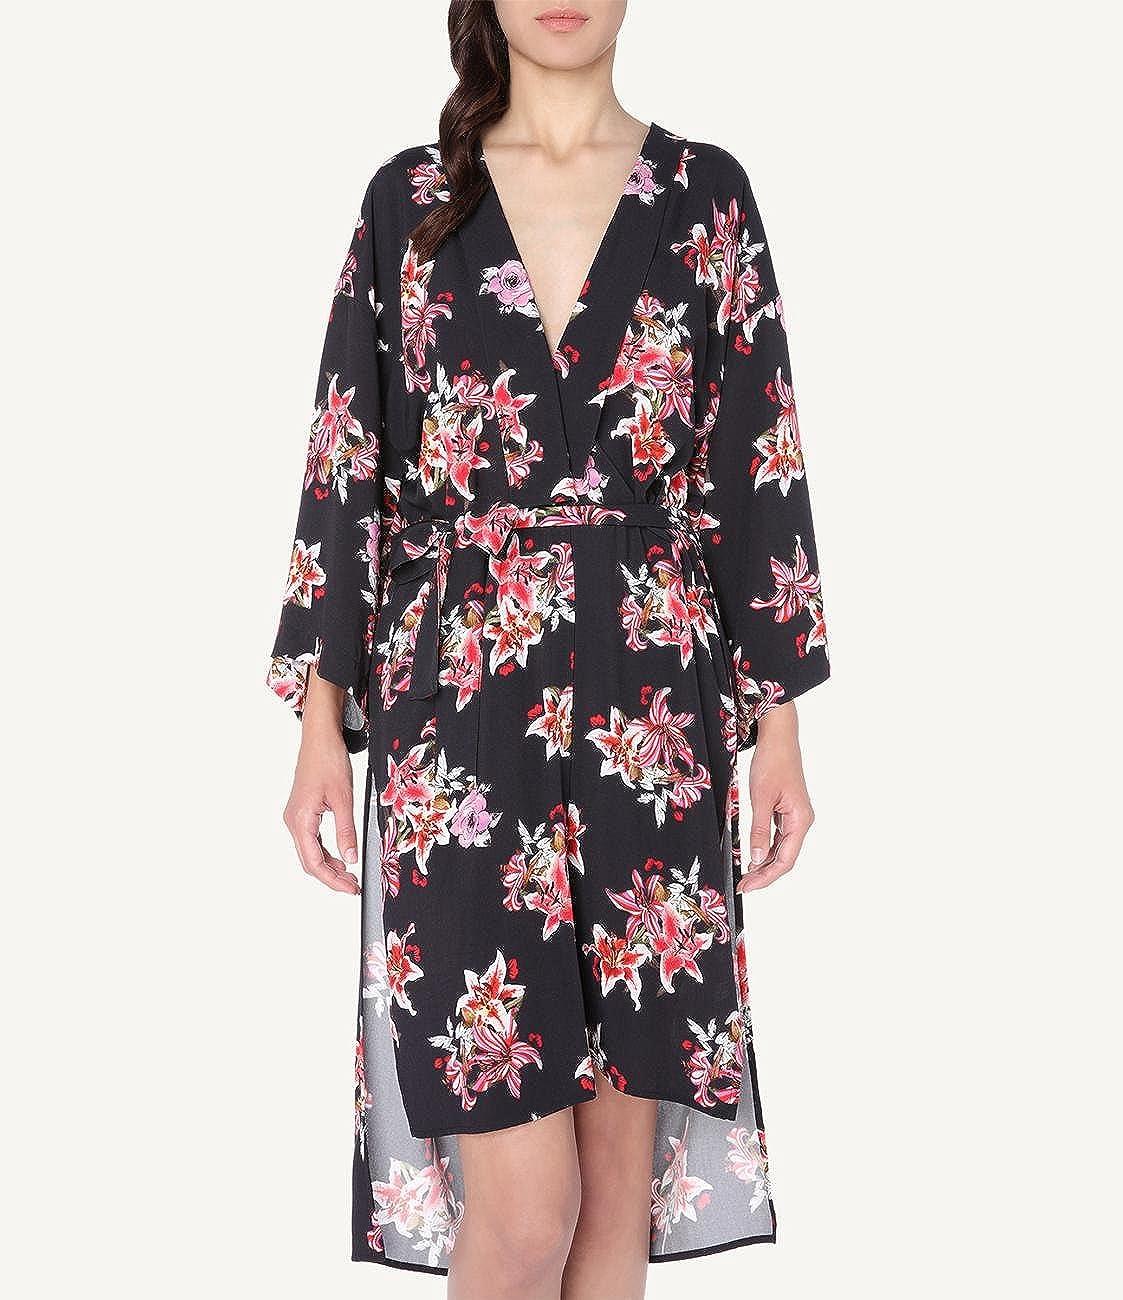 c26cdbd3f973 Intimissimi Womens Flower of Life Long Viscose Kimono: Amazon.co.uk:  Clothing